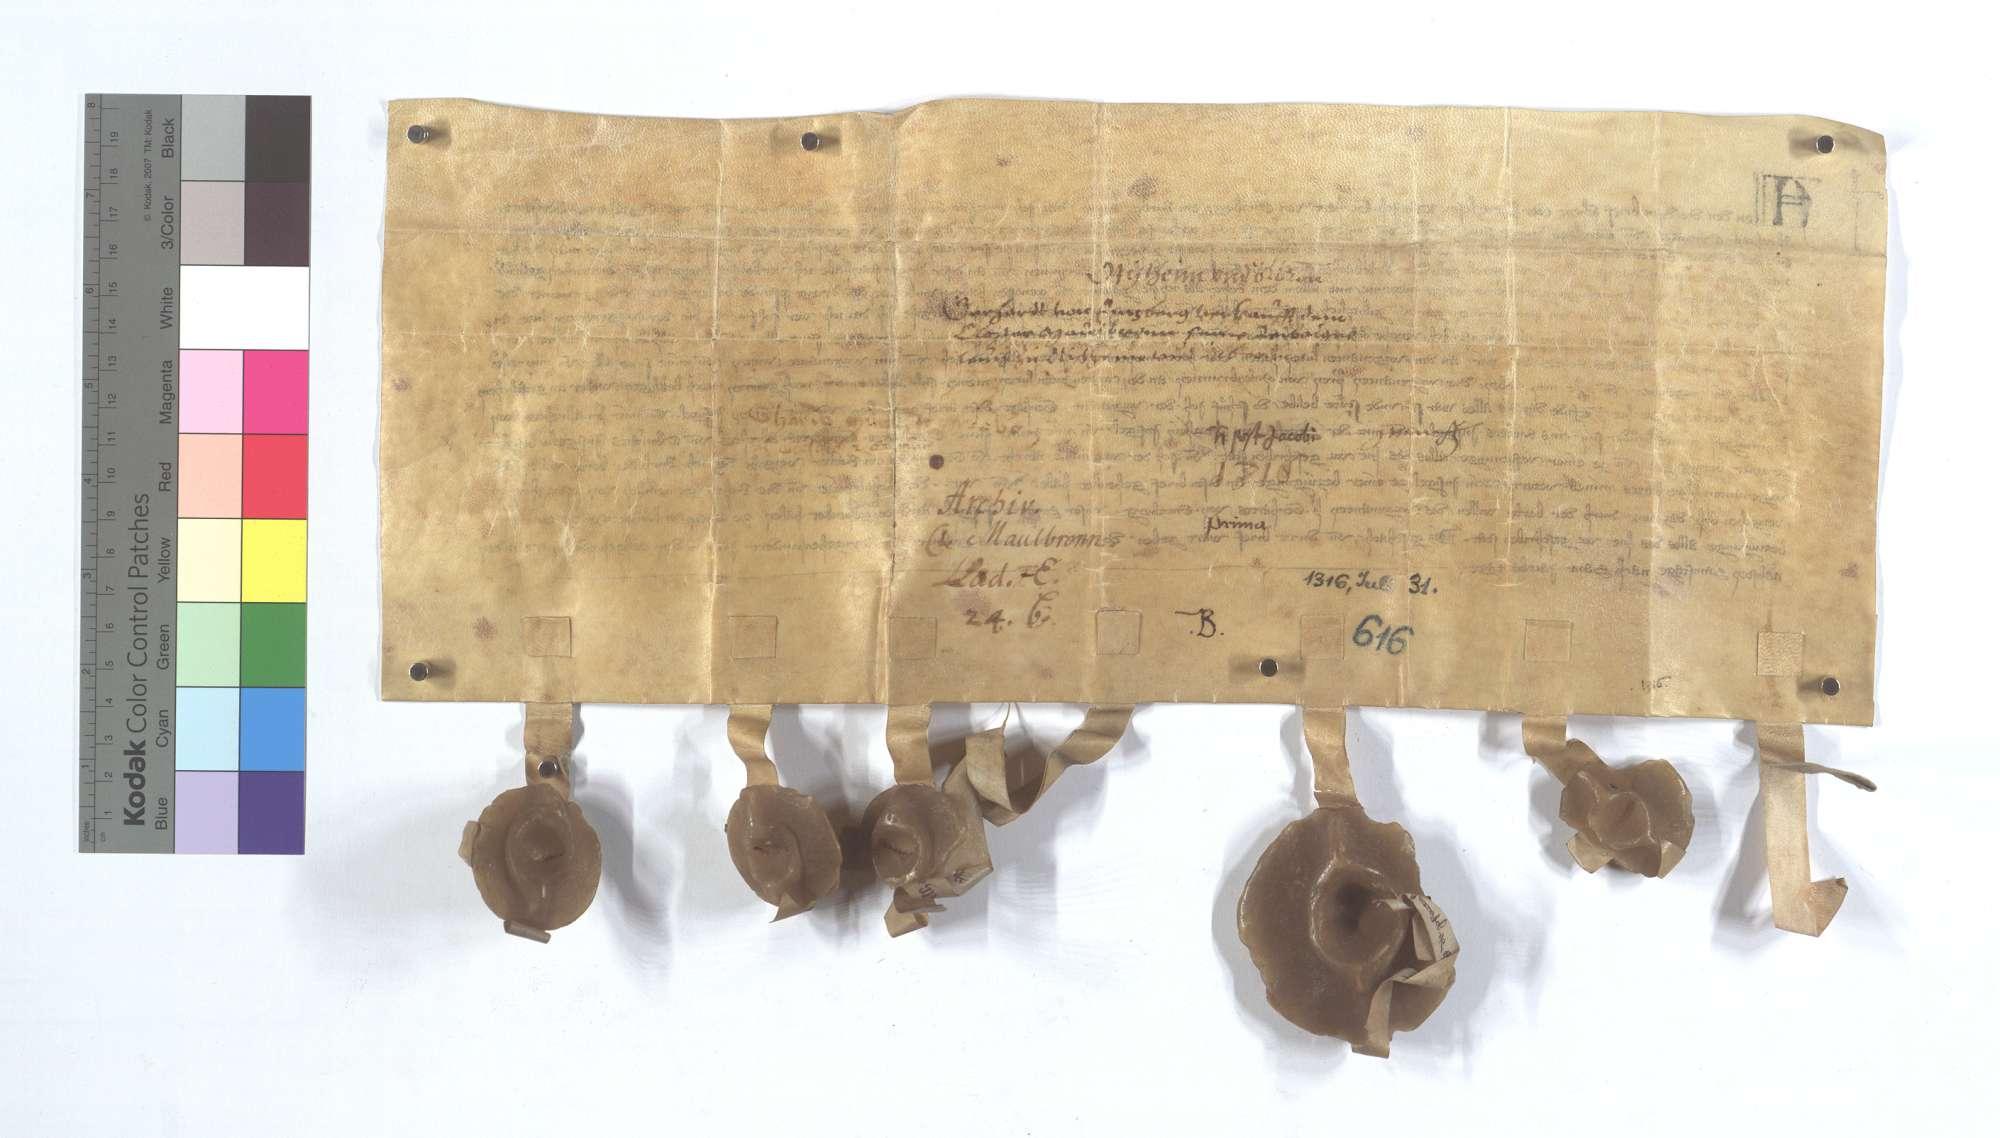 Gerhard von Enzberg verkauft dem Kloster Maulbronn seine Leibeigenen in Ötisheim und Ölbronn., Rückseite